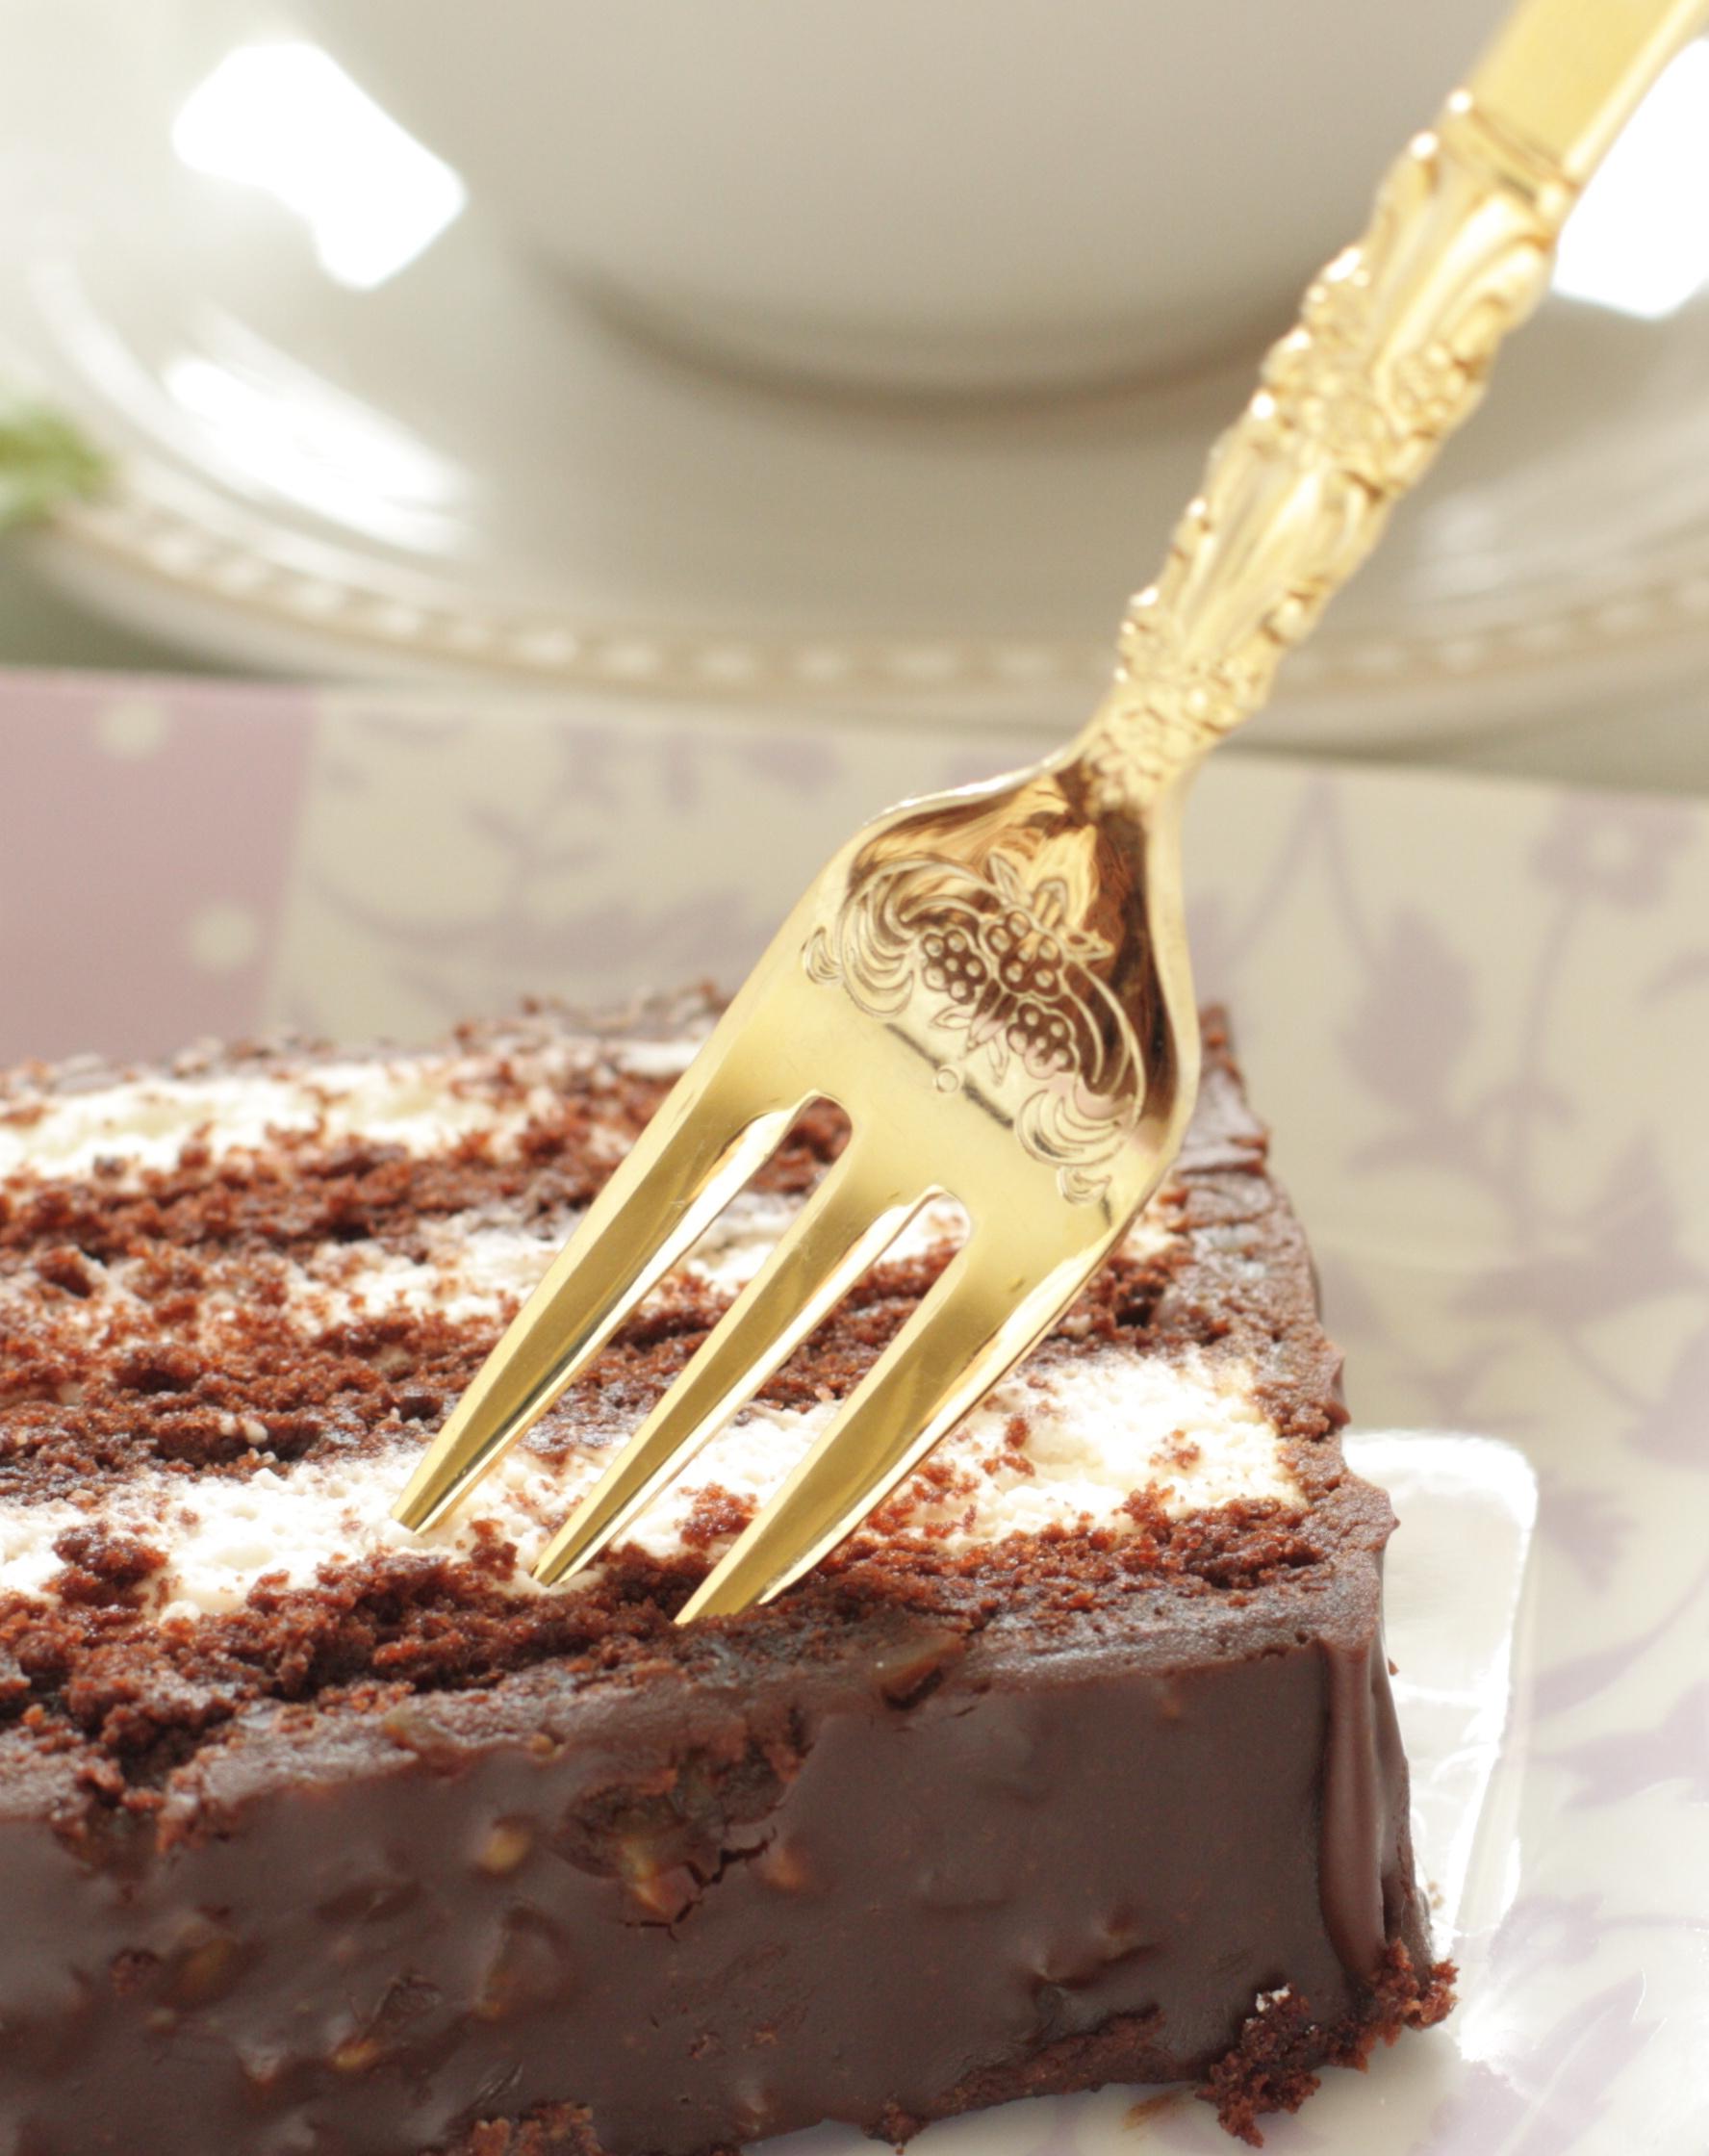 I když je ze zlata, je vidlička dlouhá léta považována za ďáblův nástroj.